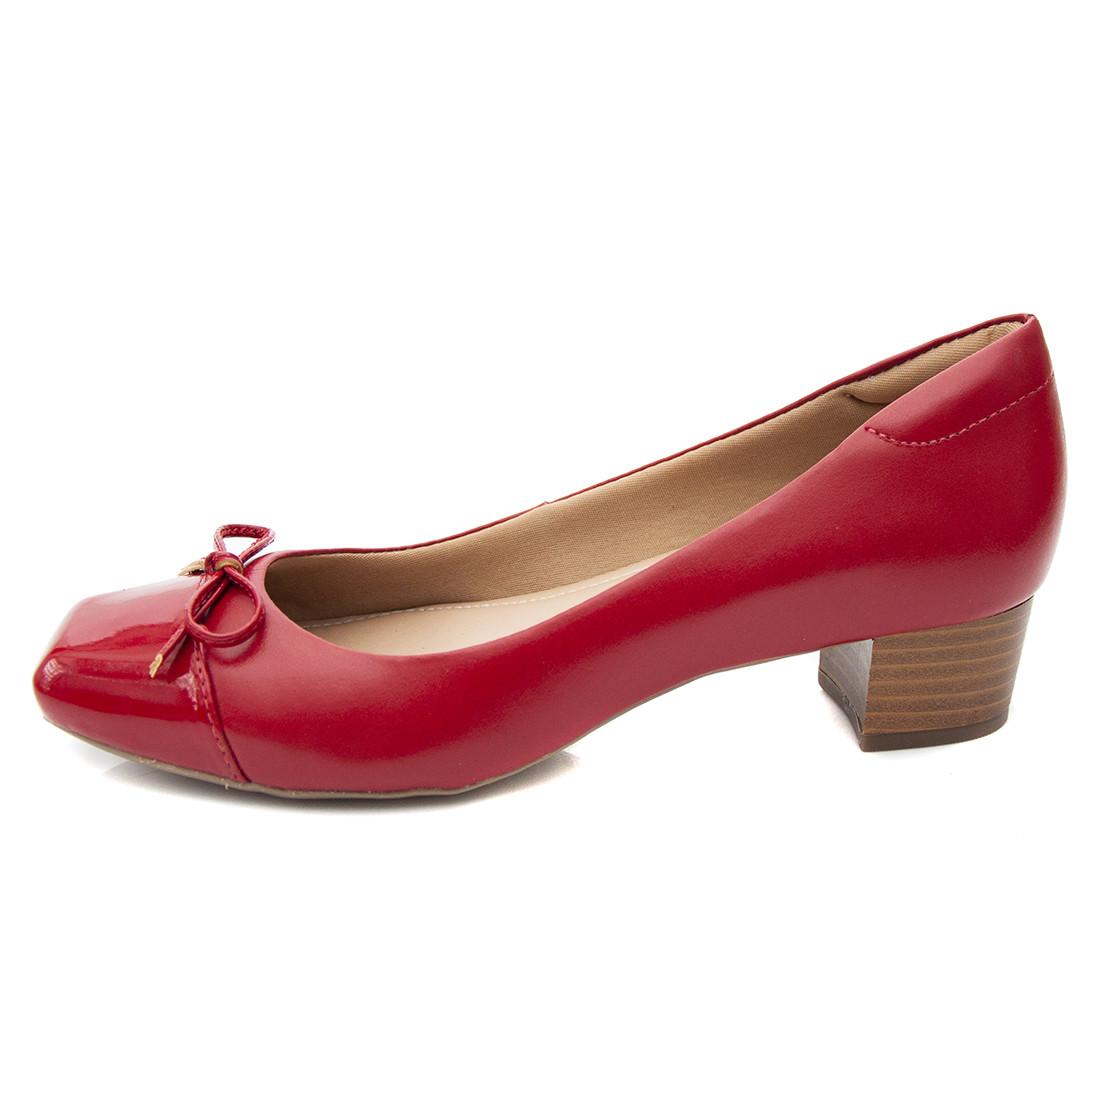 Sapato Pattini Comfort em Couro Laço Vermelho